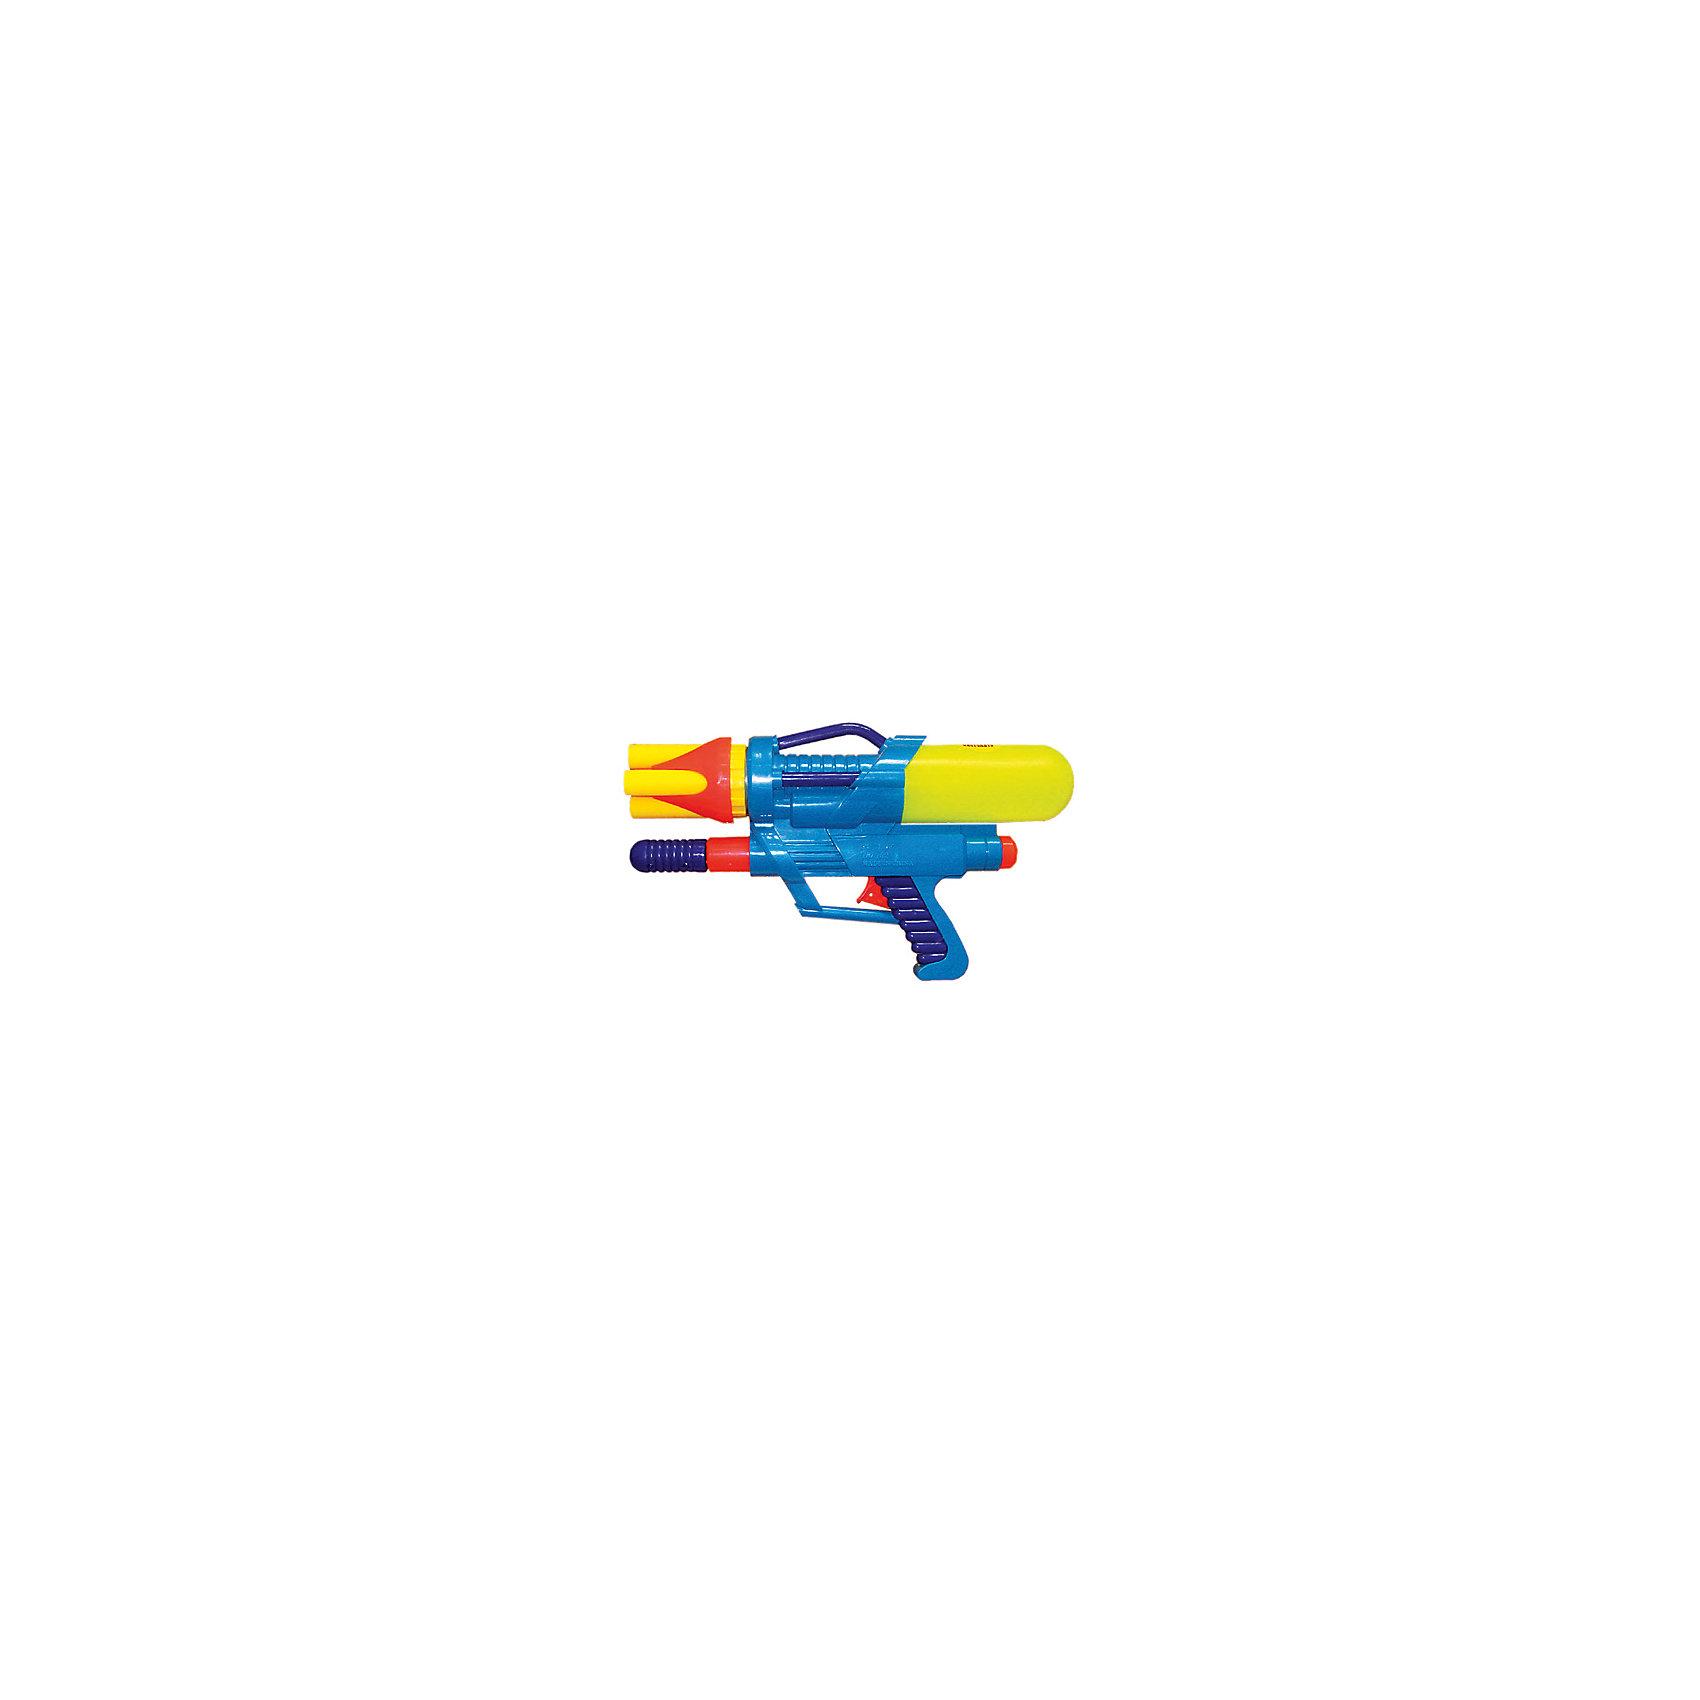 Водный пистолет с помпой, 35,5х20х7,5см, Тилибом